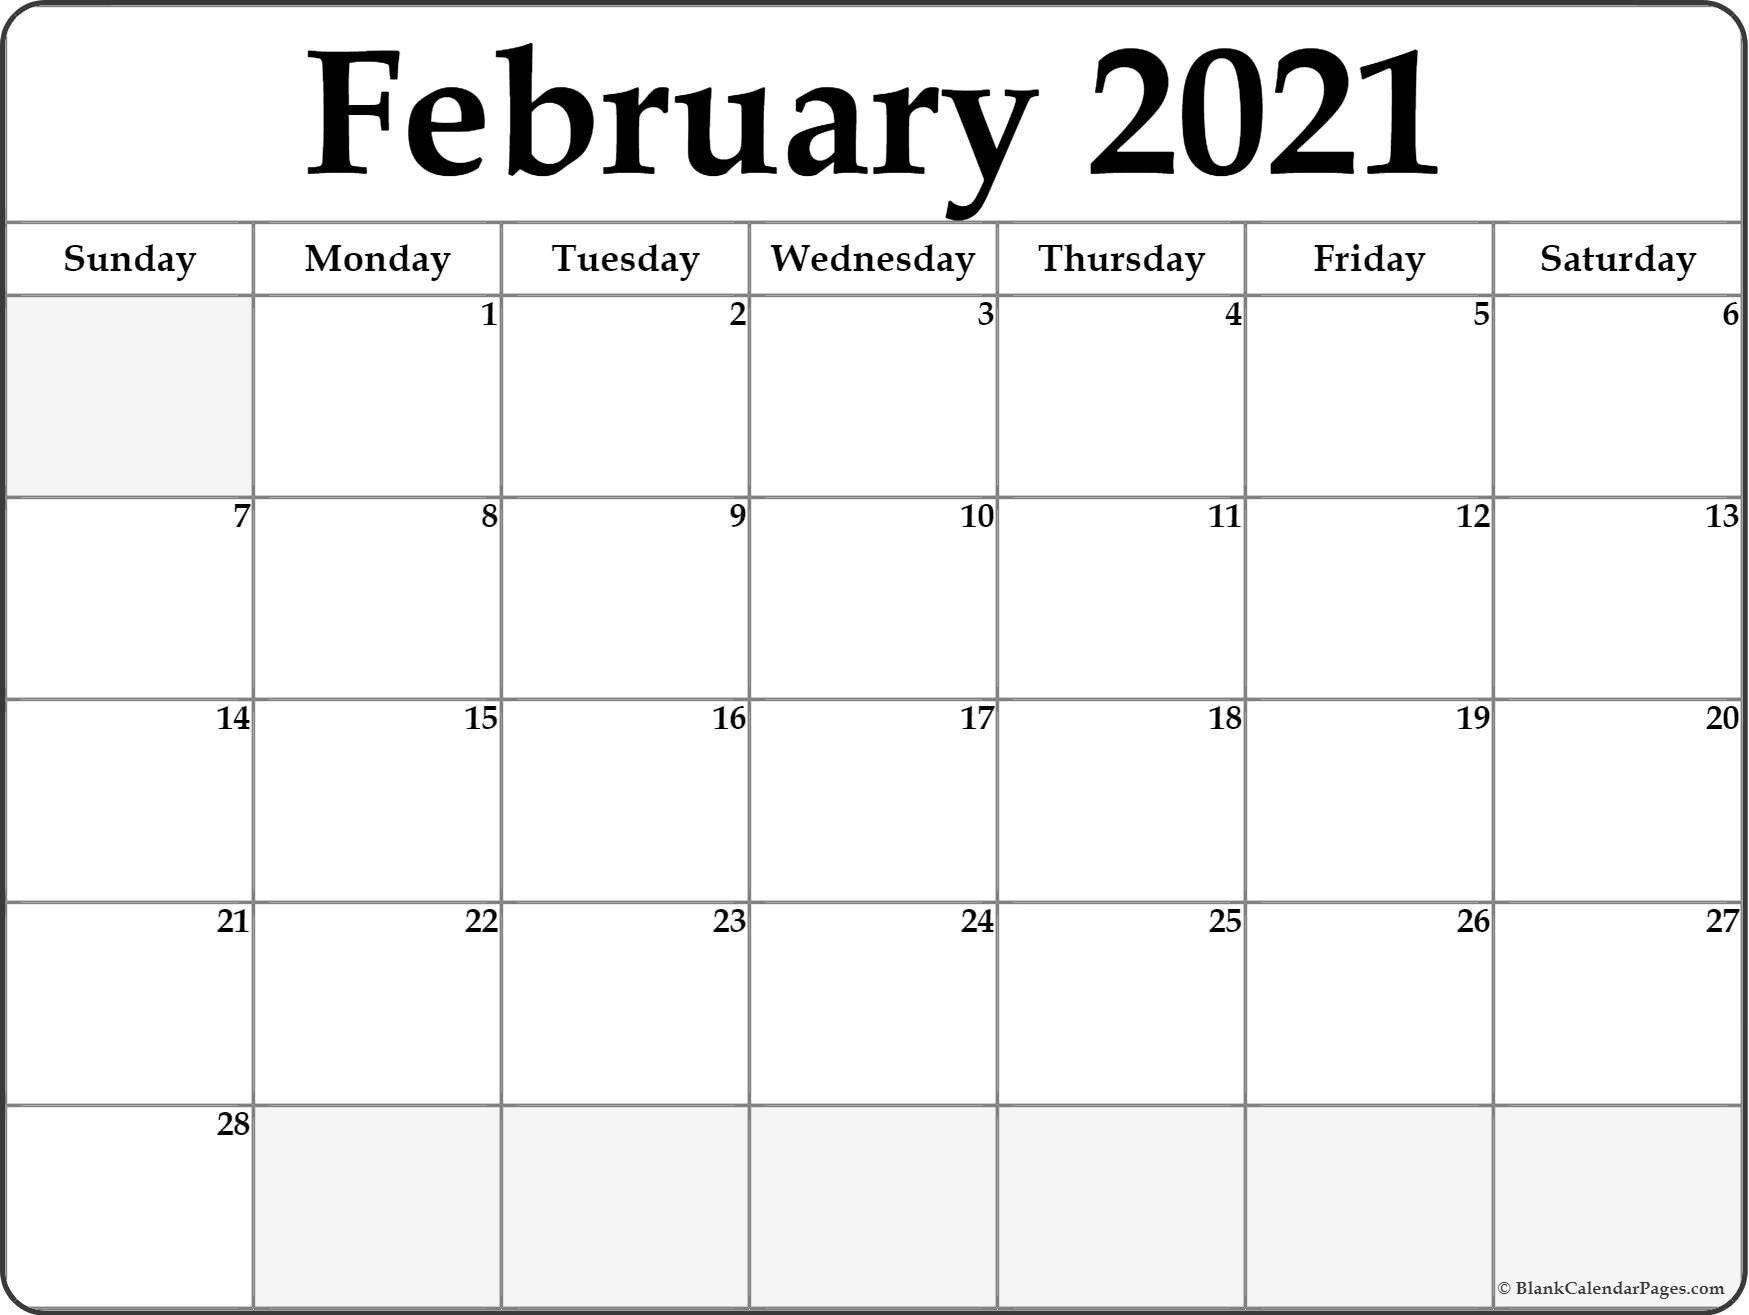 Calendar 2021 January February Blank In 2020 | February